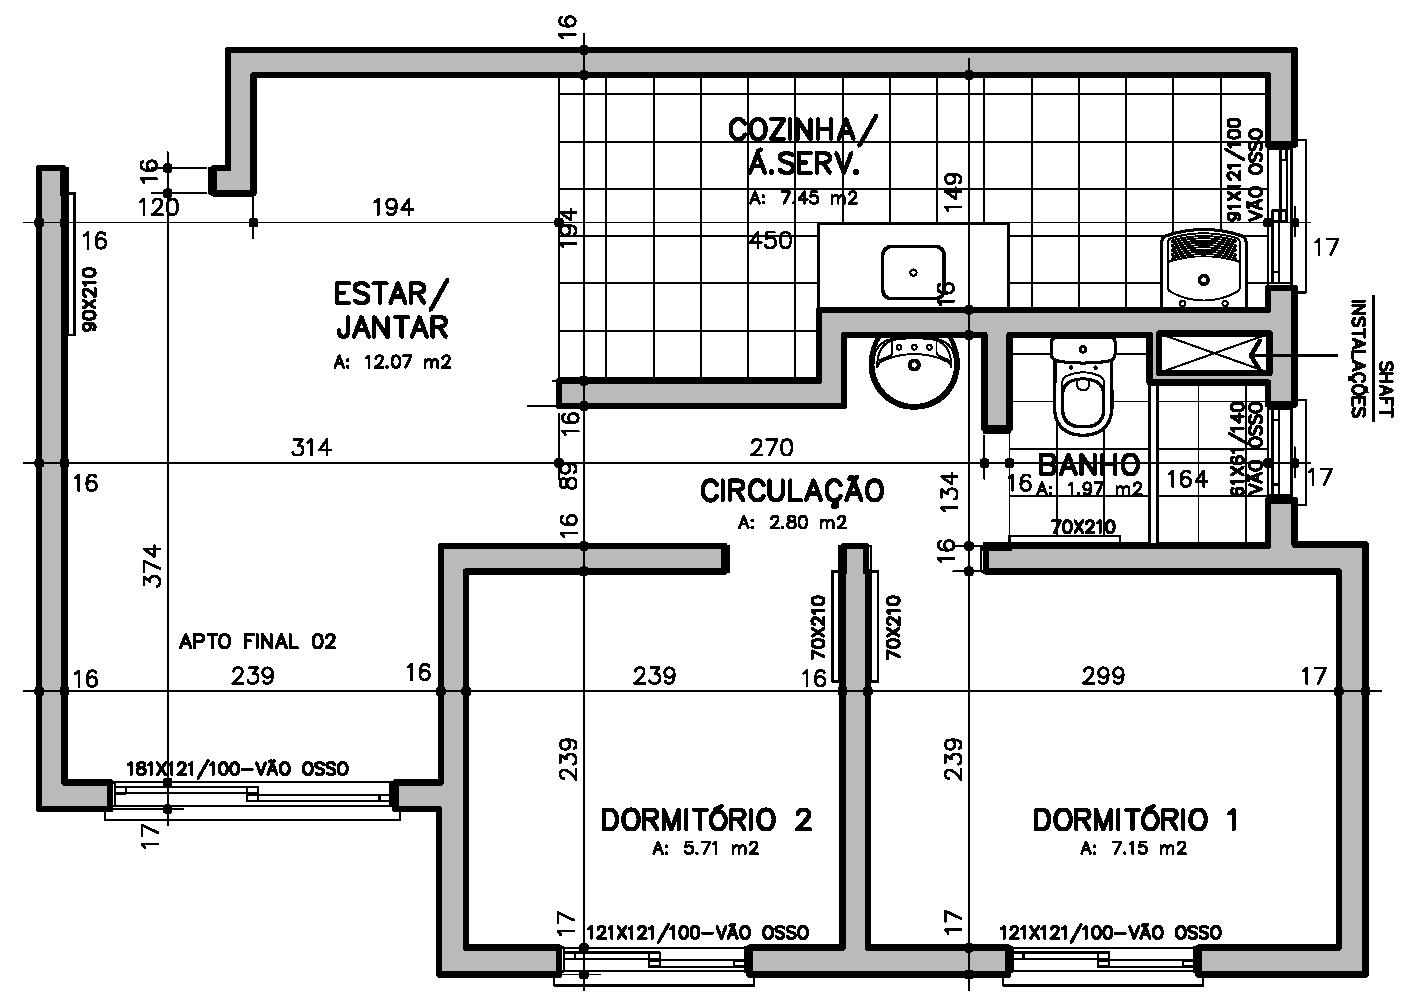 planta baixa com garagem planta baixa wallpaper #1F1F1F 1409x1008 Baixar Banheiro Para Autocad